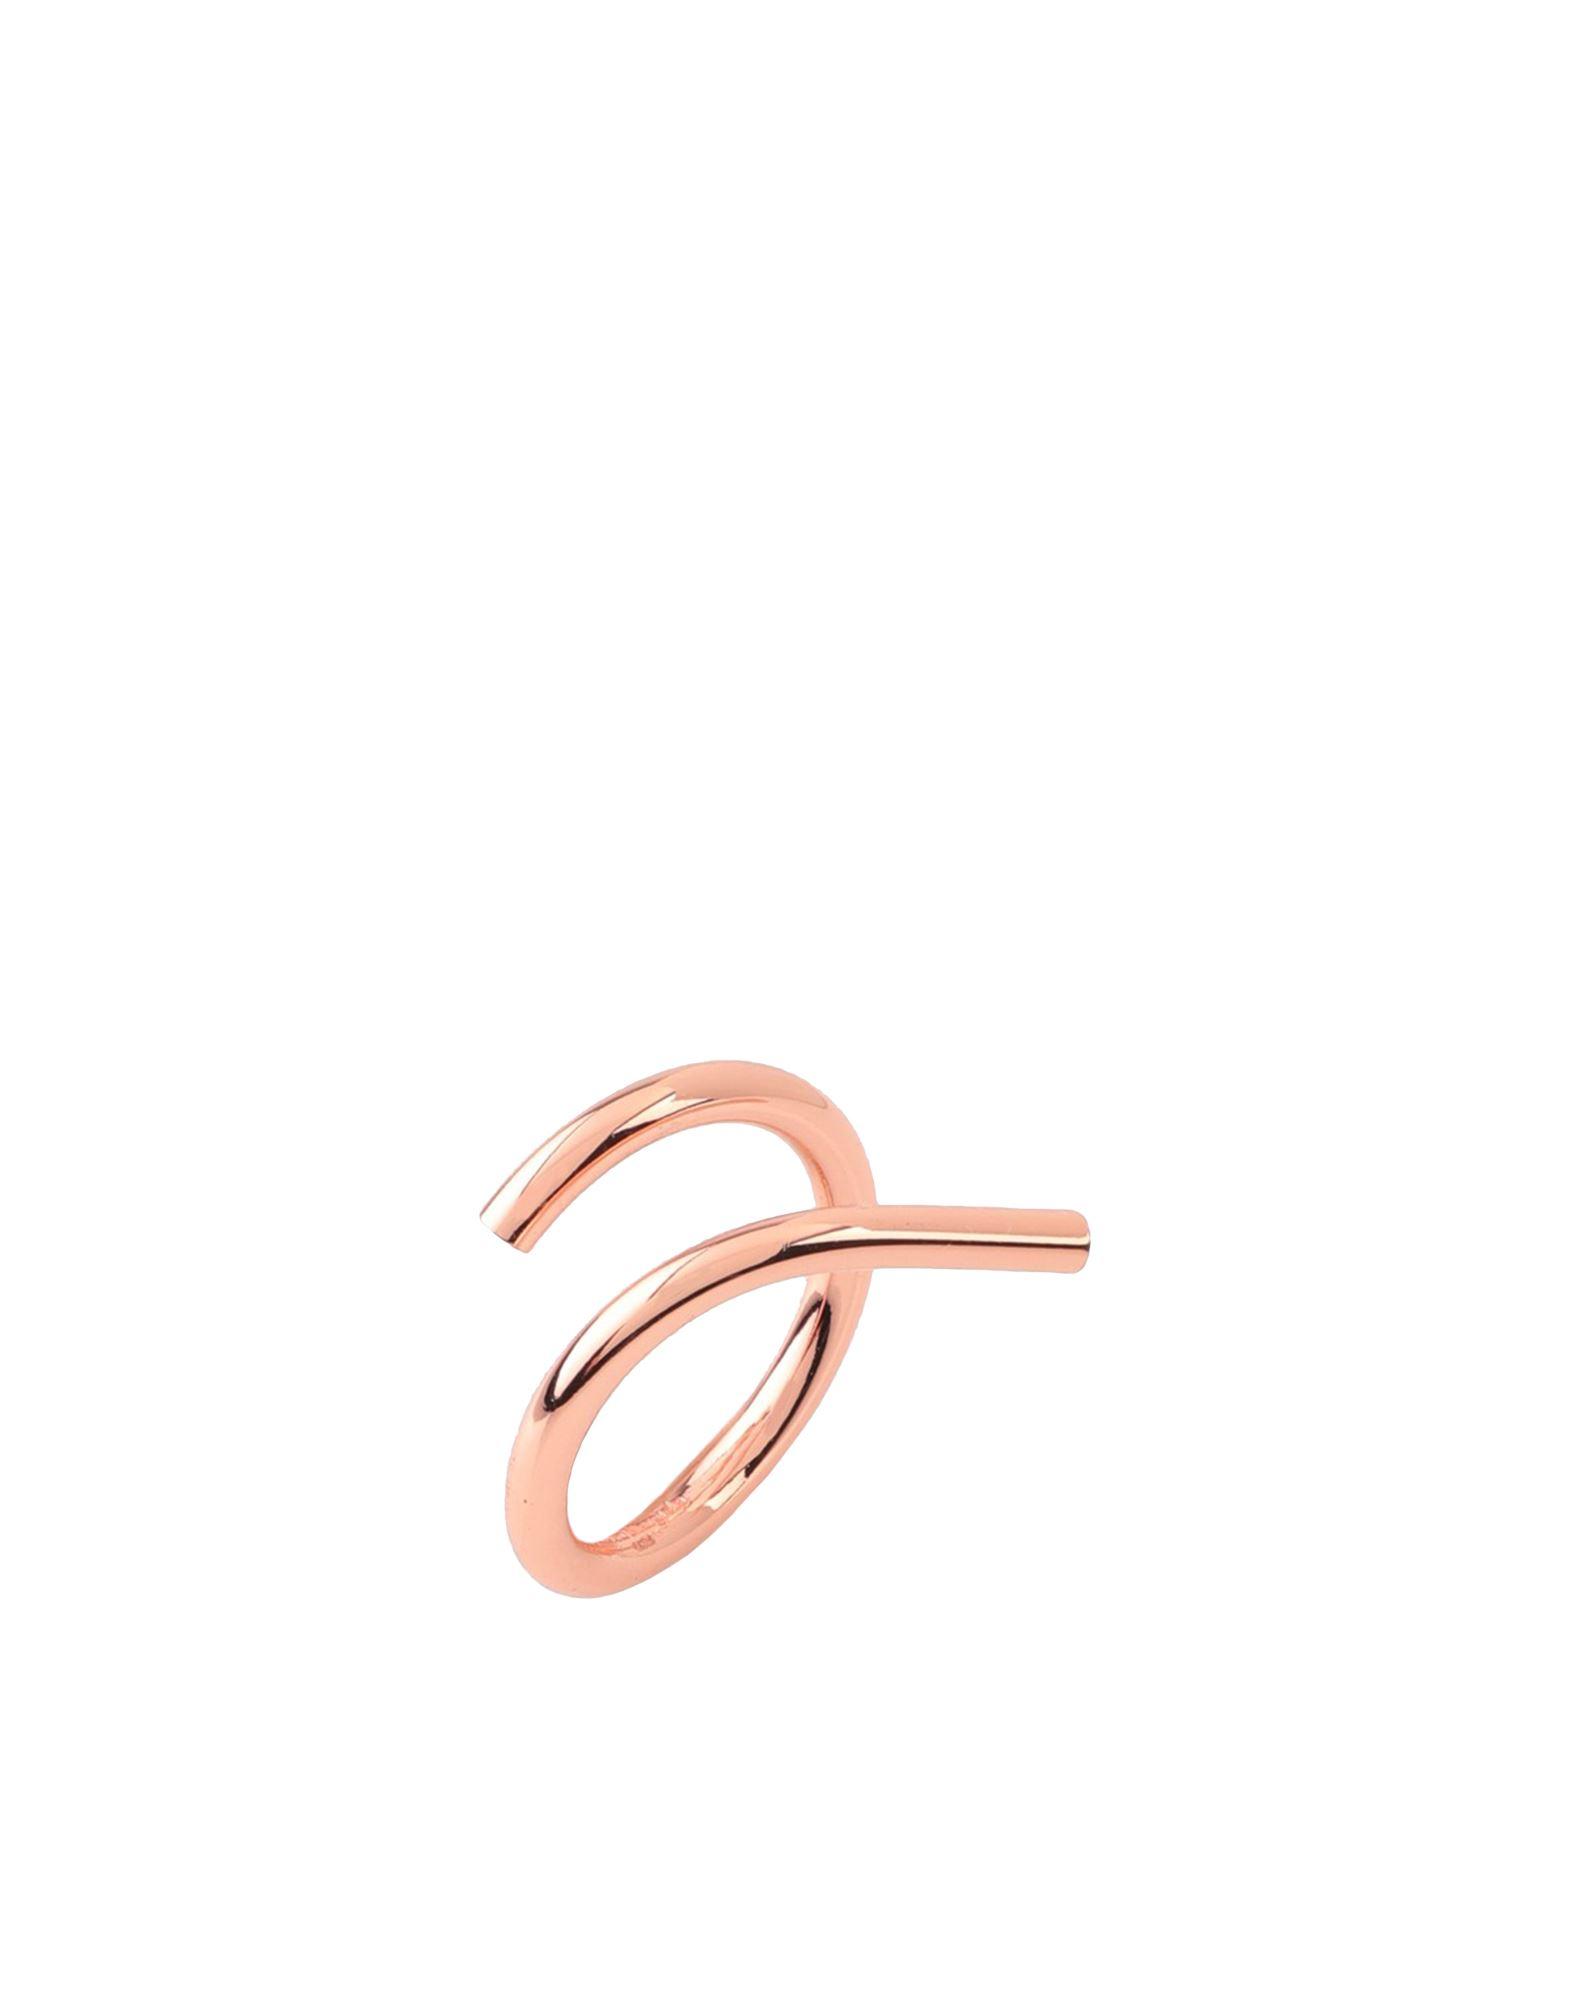 MAISON MARGIELA メゾン マルジェラ レディース 指輪 カッパー